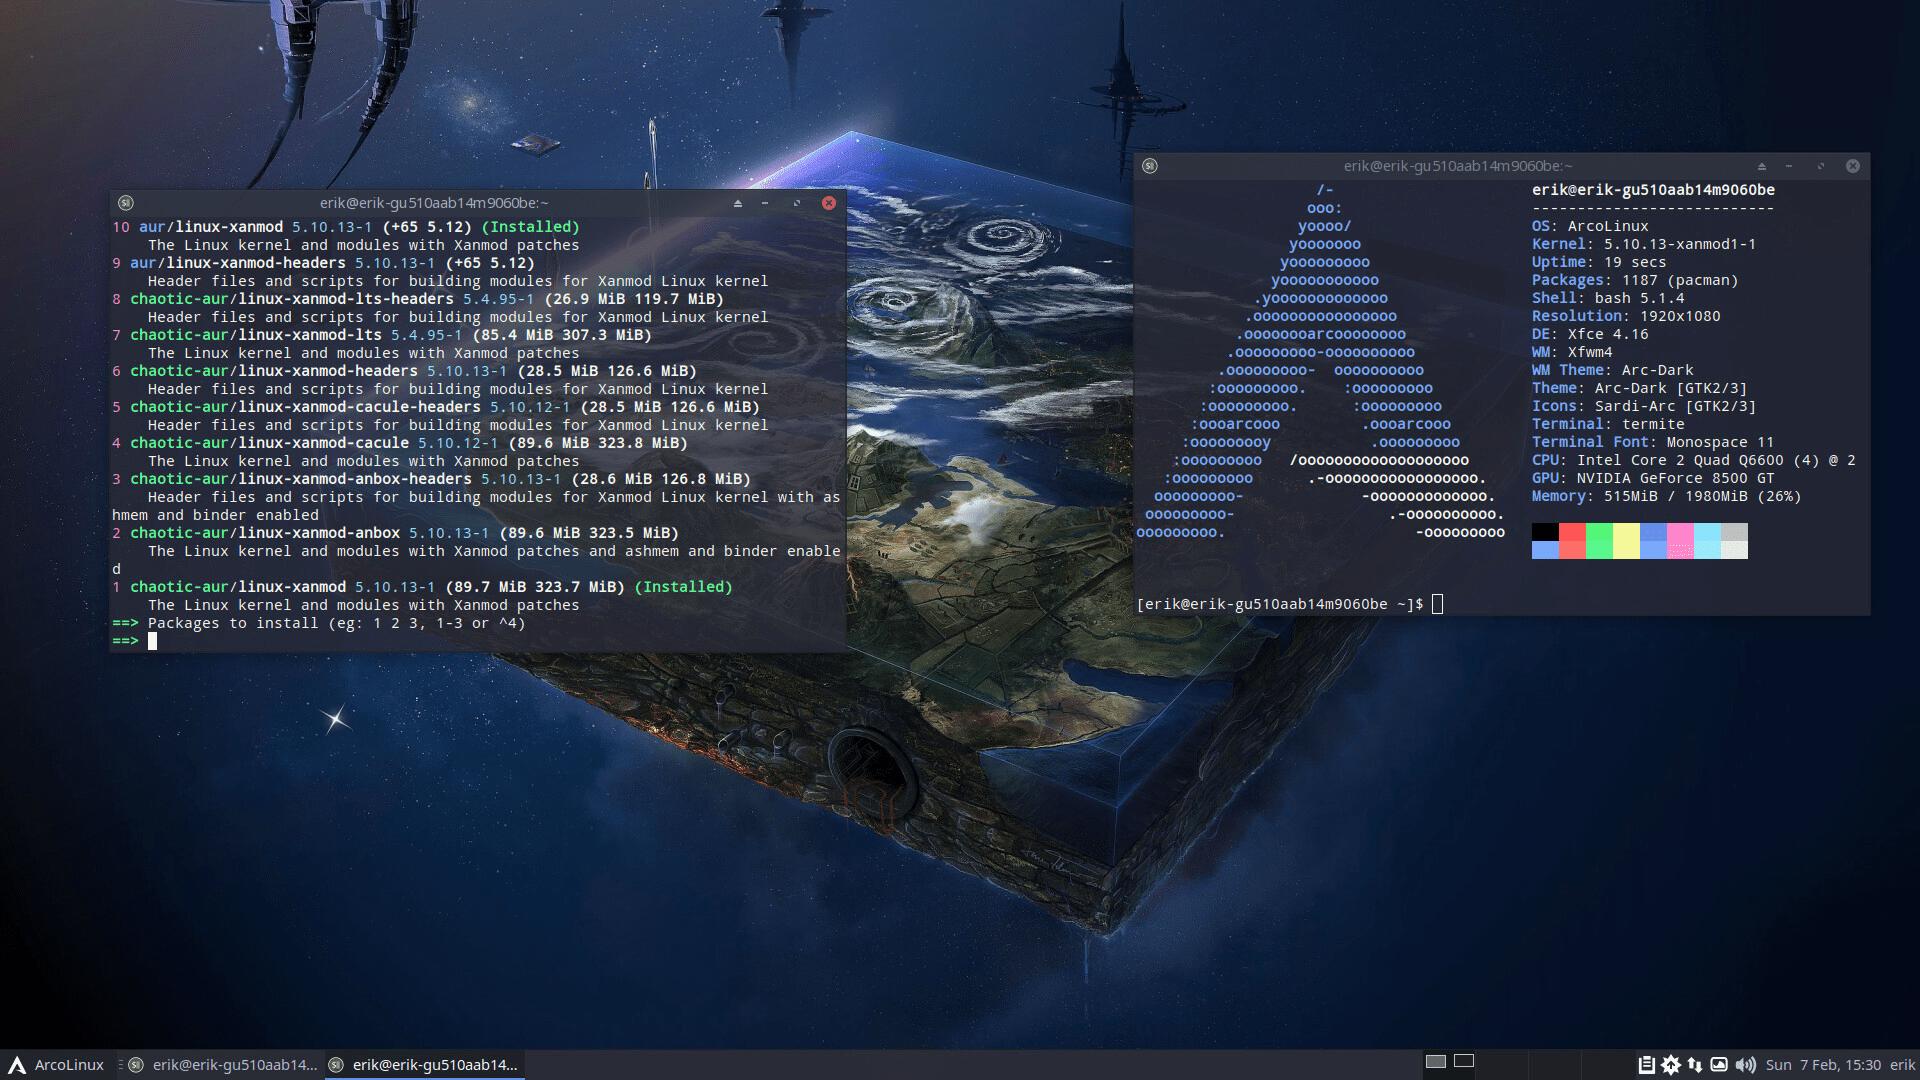 ArcoLinux mit Linux 5.10.3